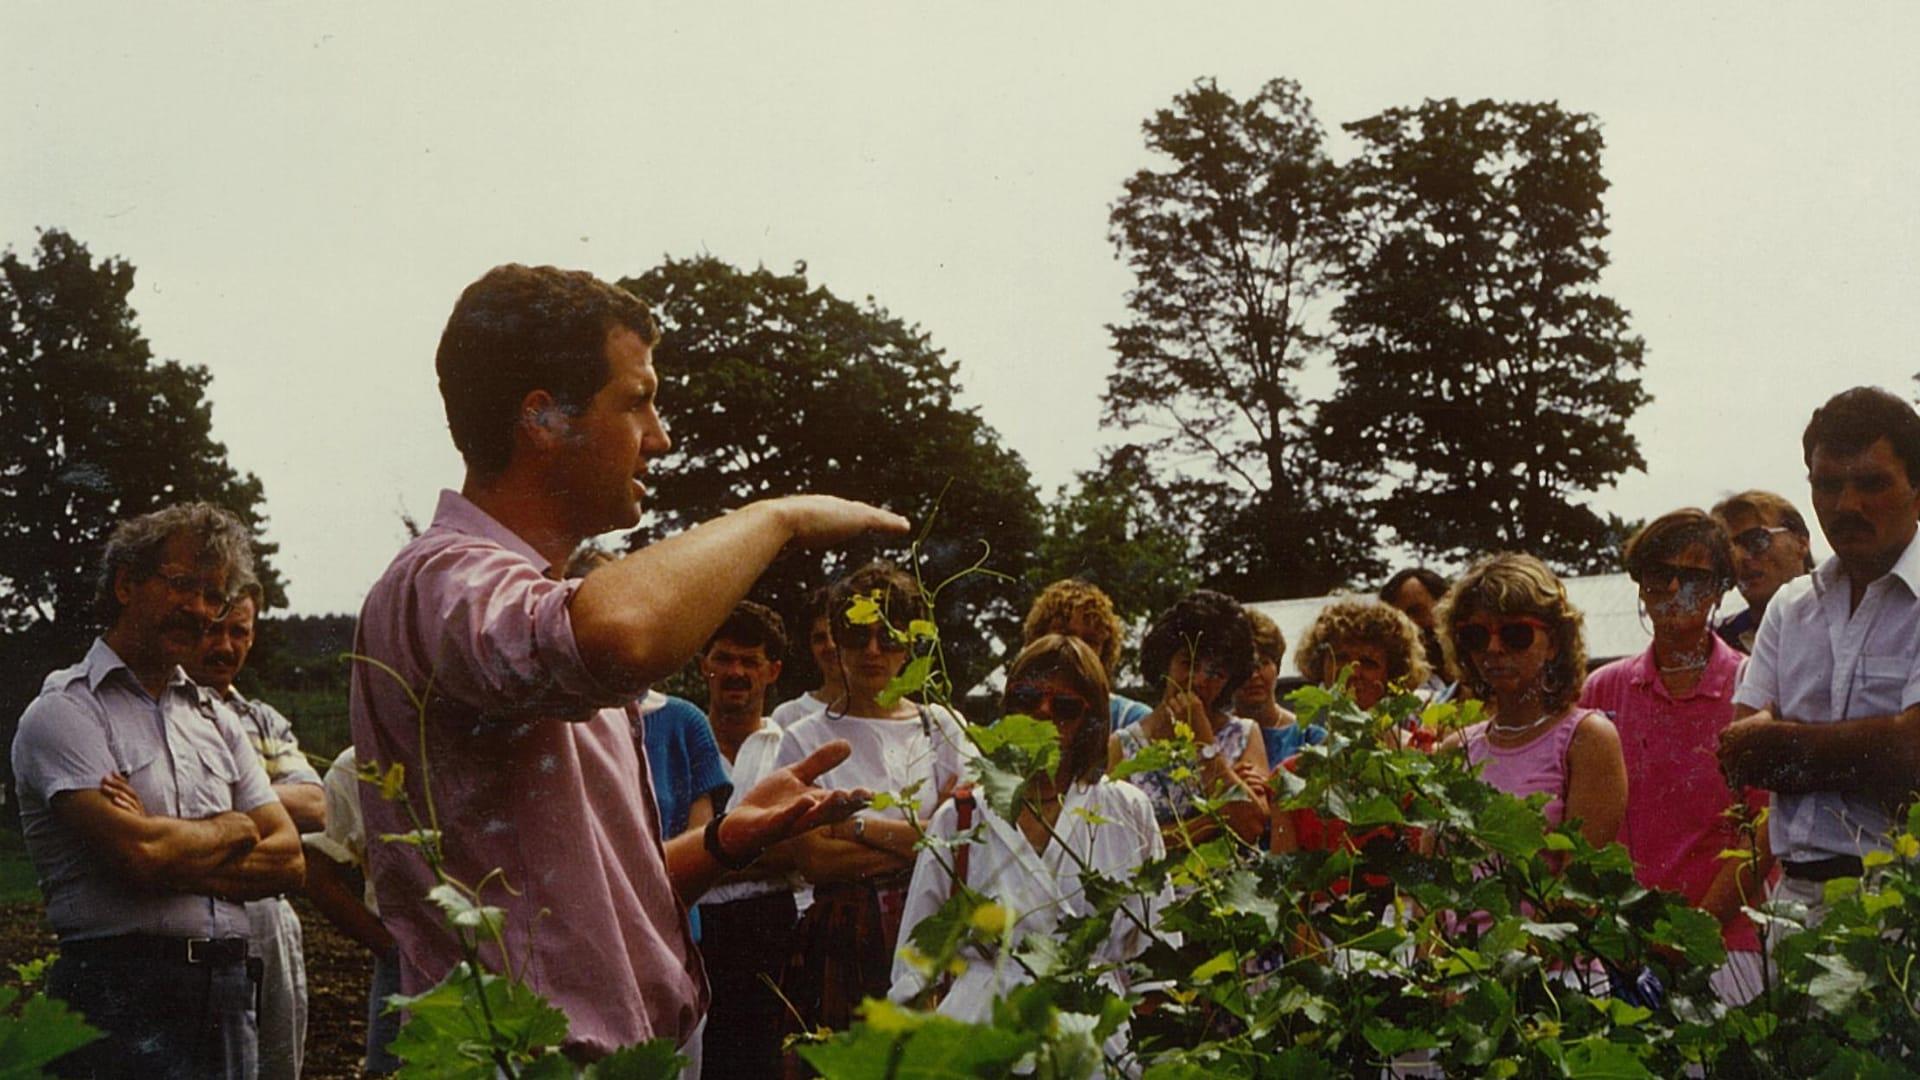 Des gens écoutent attentivement les explications de leur guide vigneron au milieu des vignes, par une belle journée d'été.